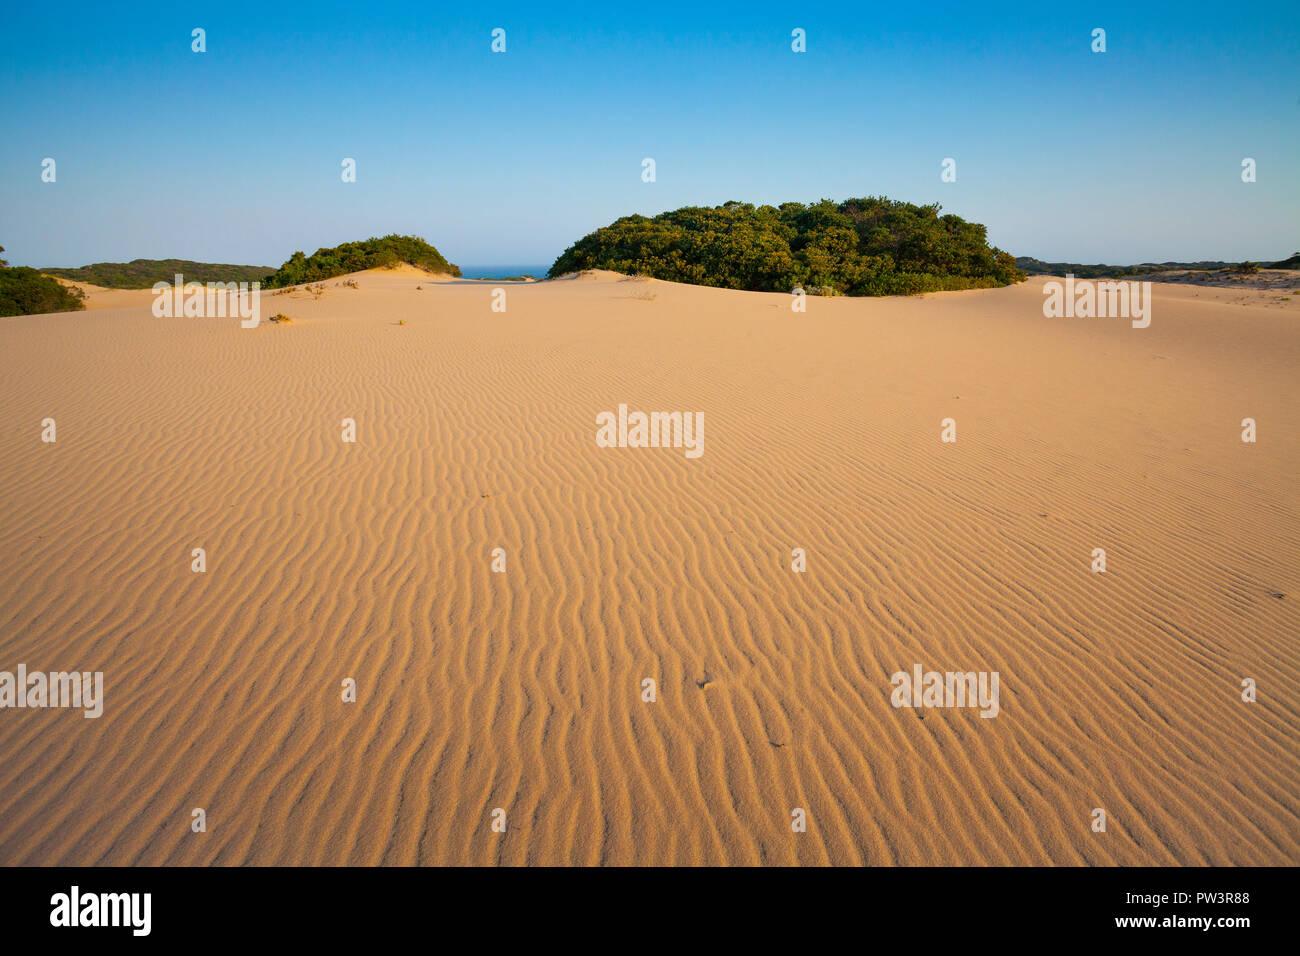 Dunas litorales, Dovela, Inharrime, Mozambique. Imagen De Stock